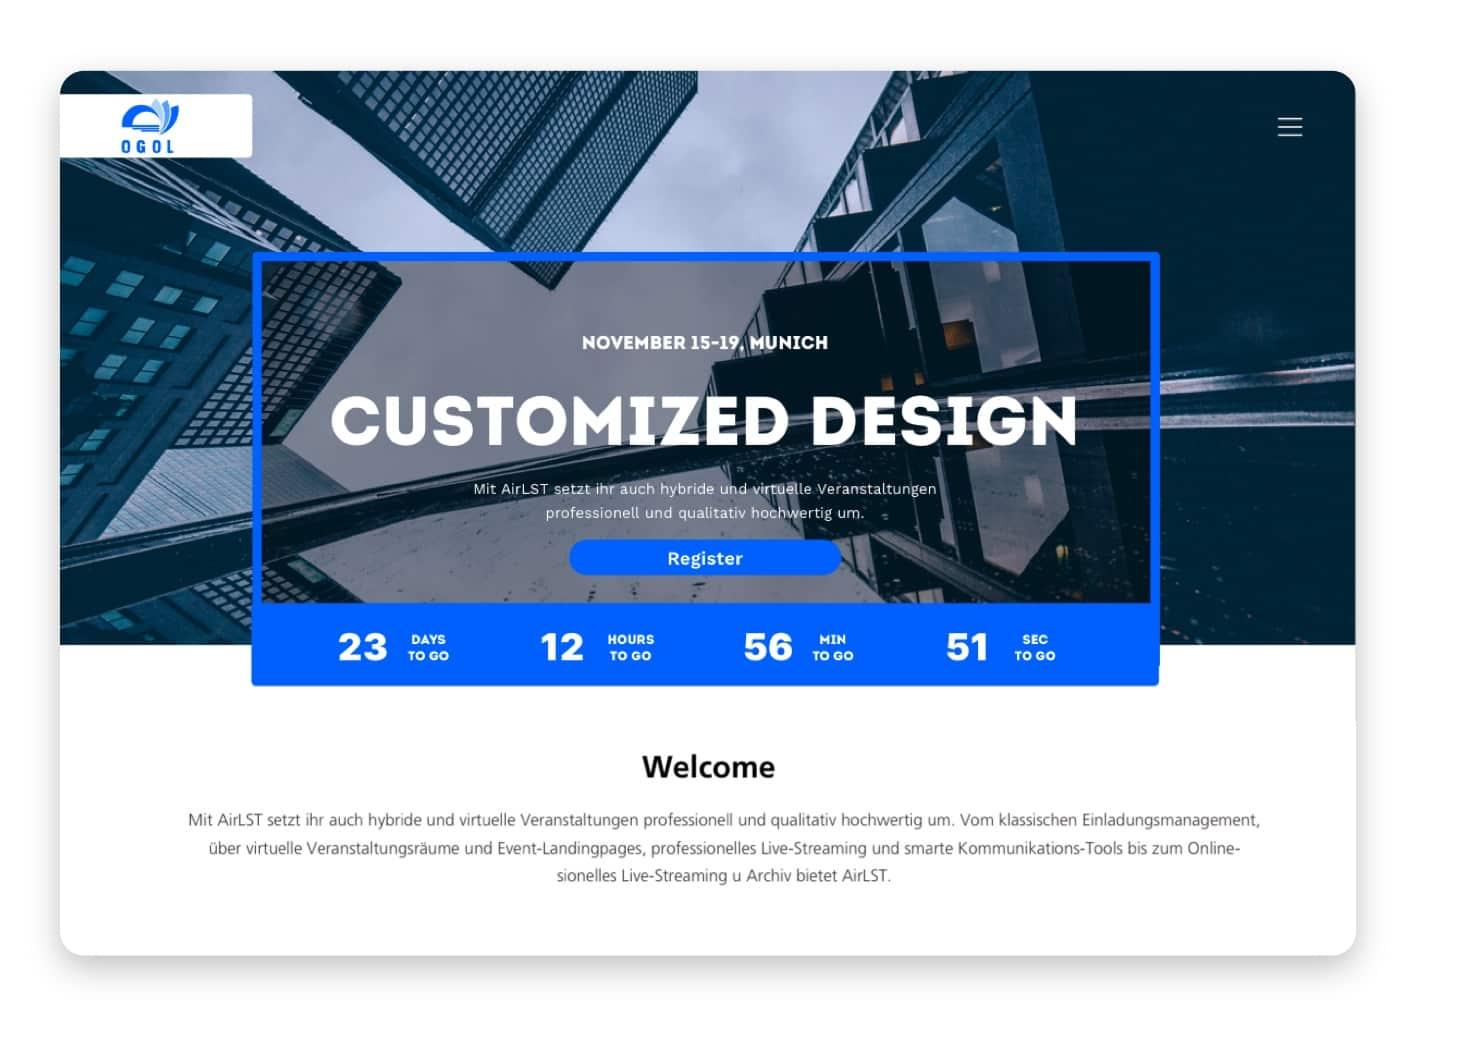 Der Template Editor. Im Bearbeitungsmodus, koordinieren Grafiken und Anhänge per Drag und Drop und legen Design, Inhalt sowie alle weiteren Einstellungen fest.